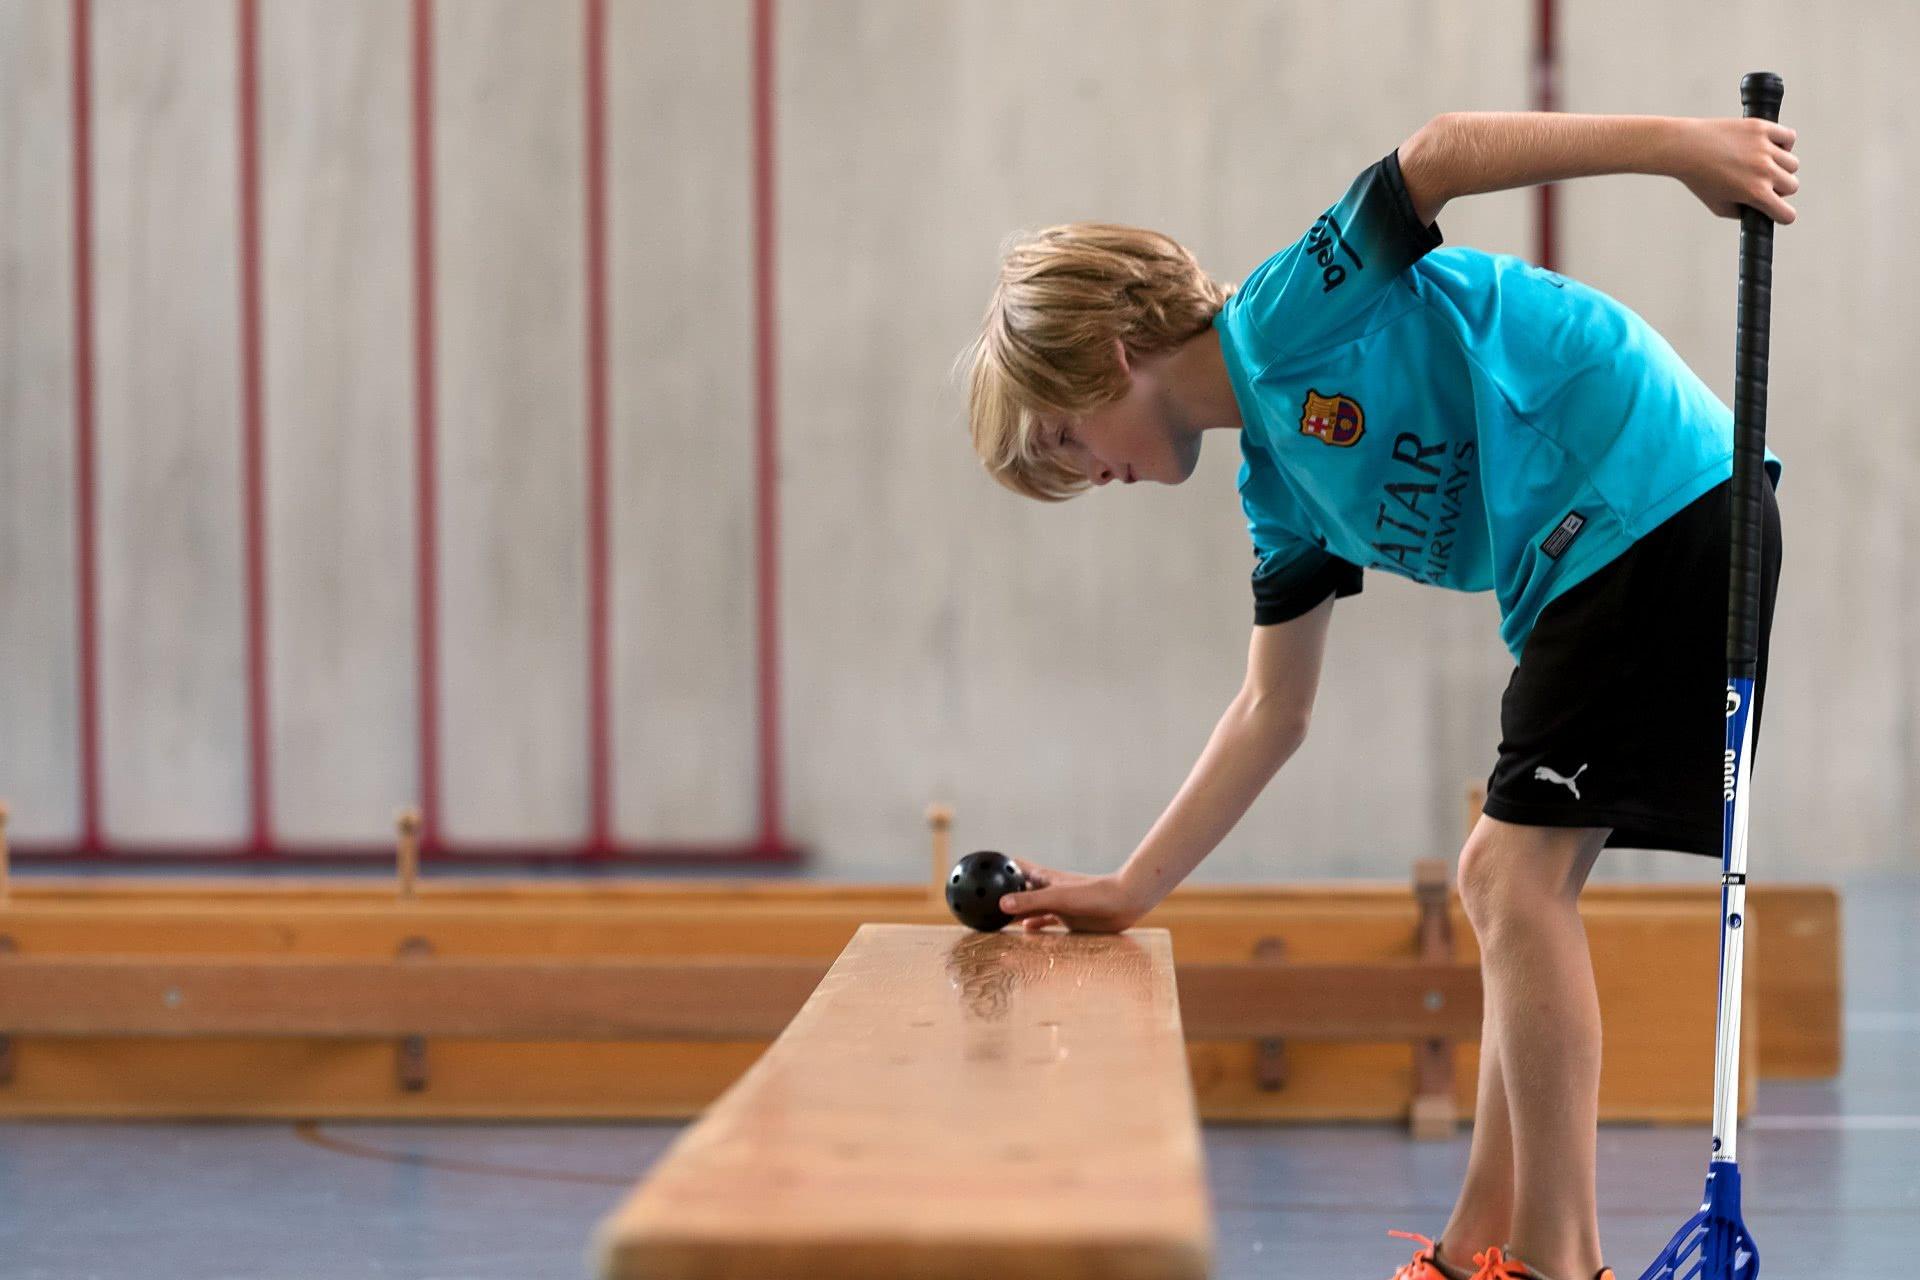 Un bambino gioca a minigolf in palestra